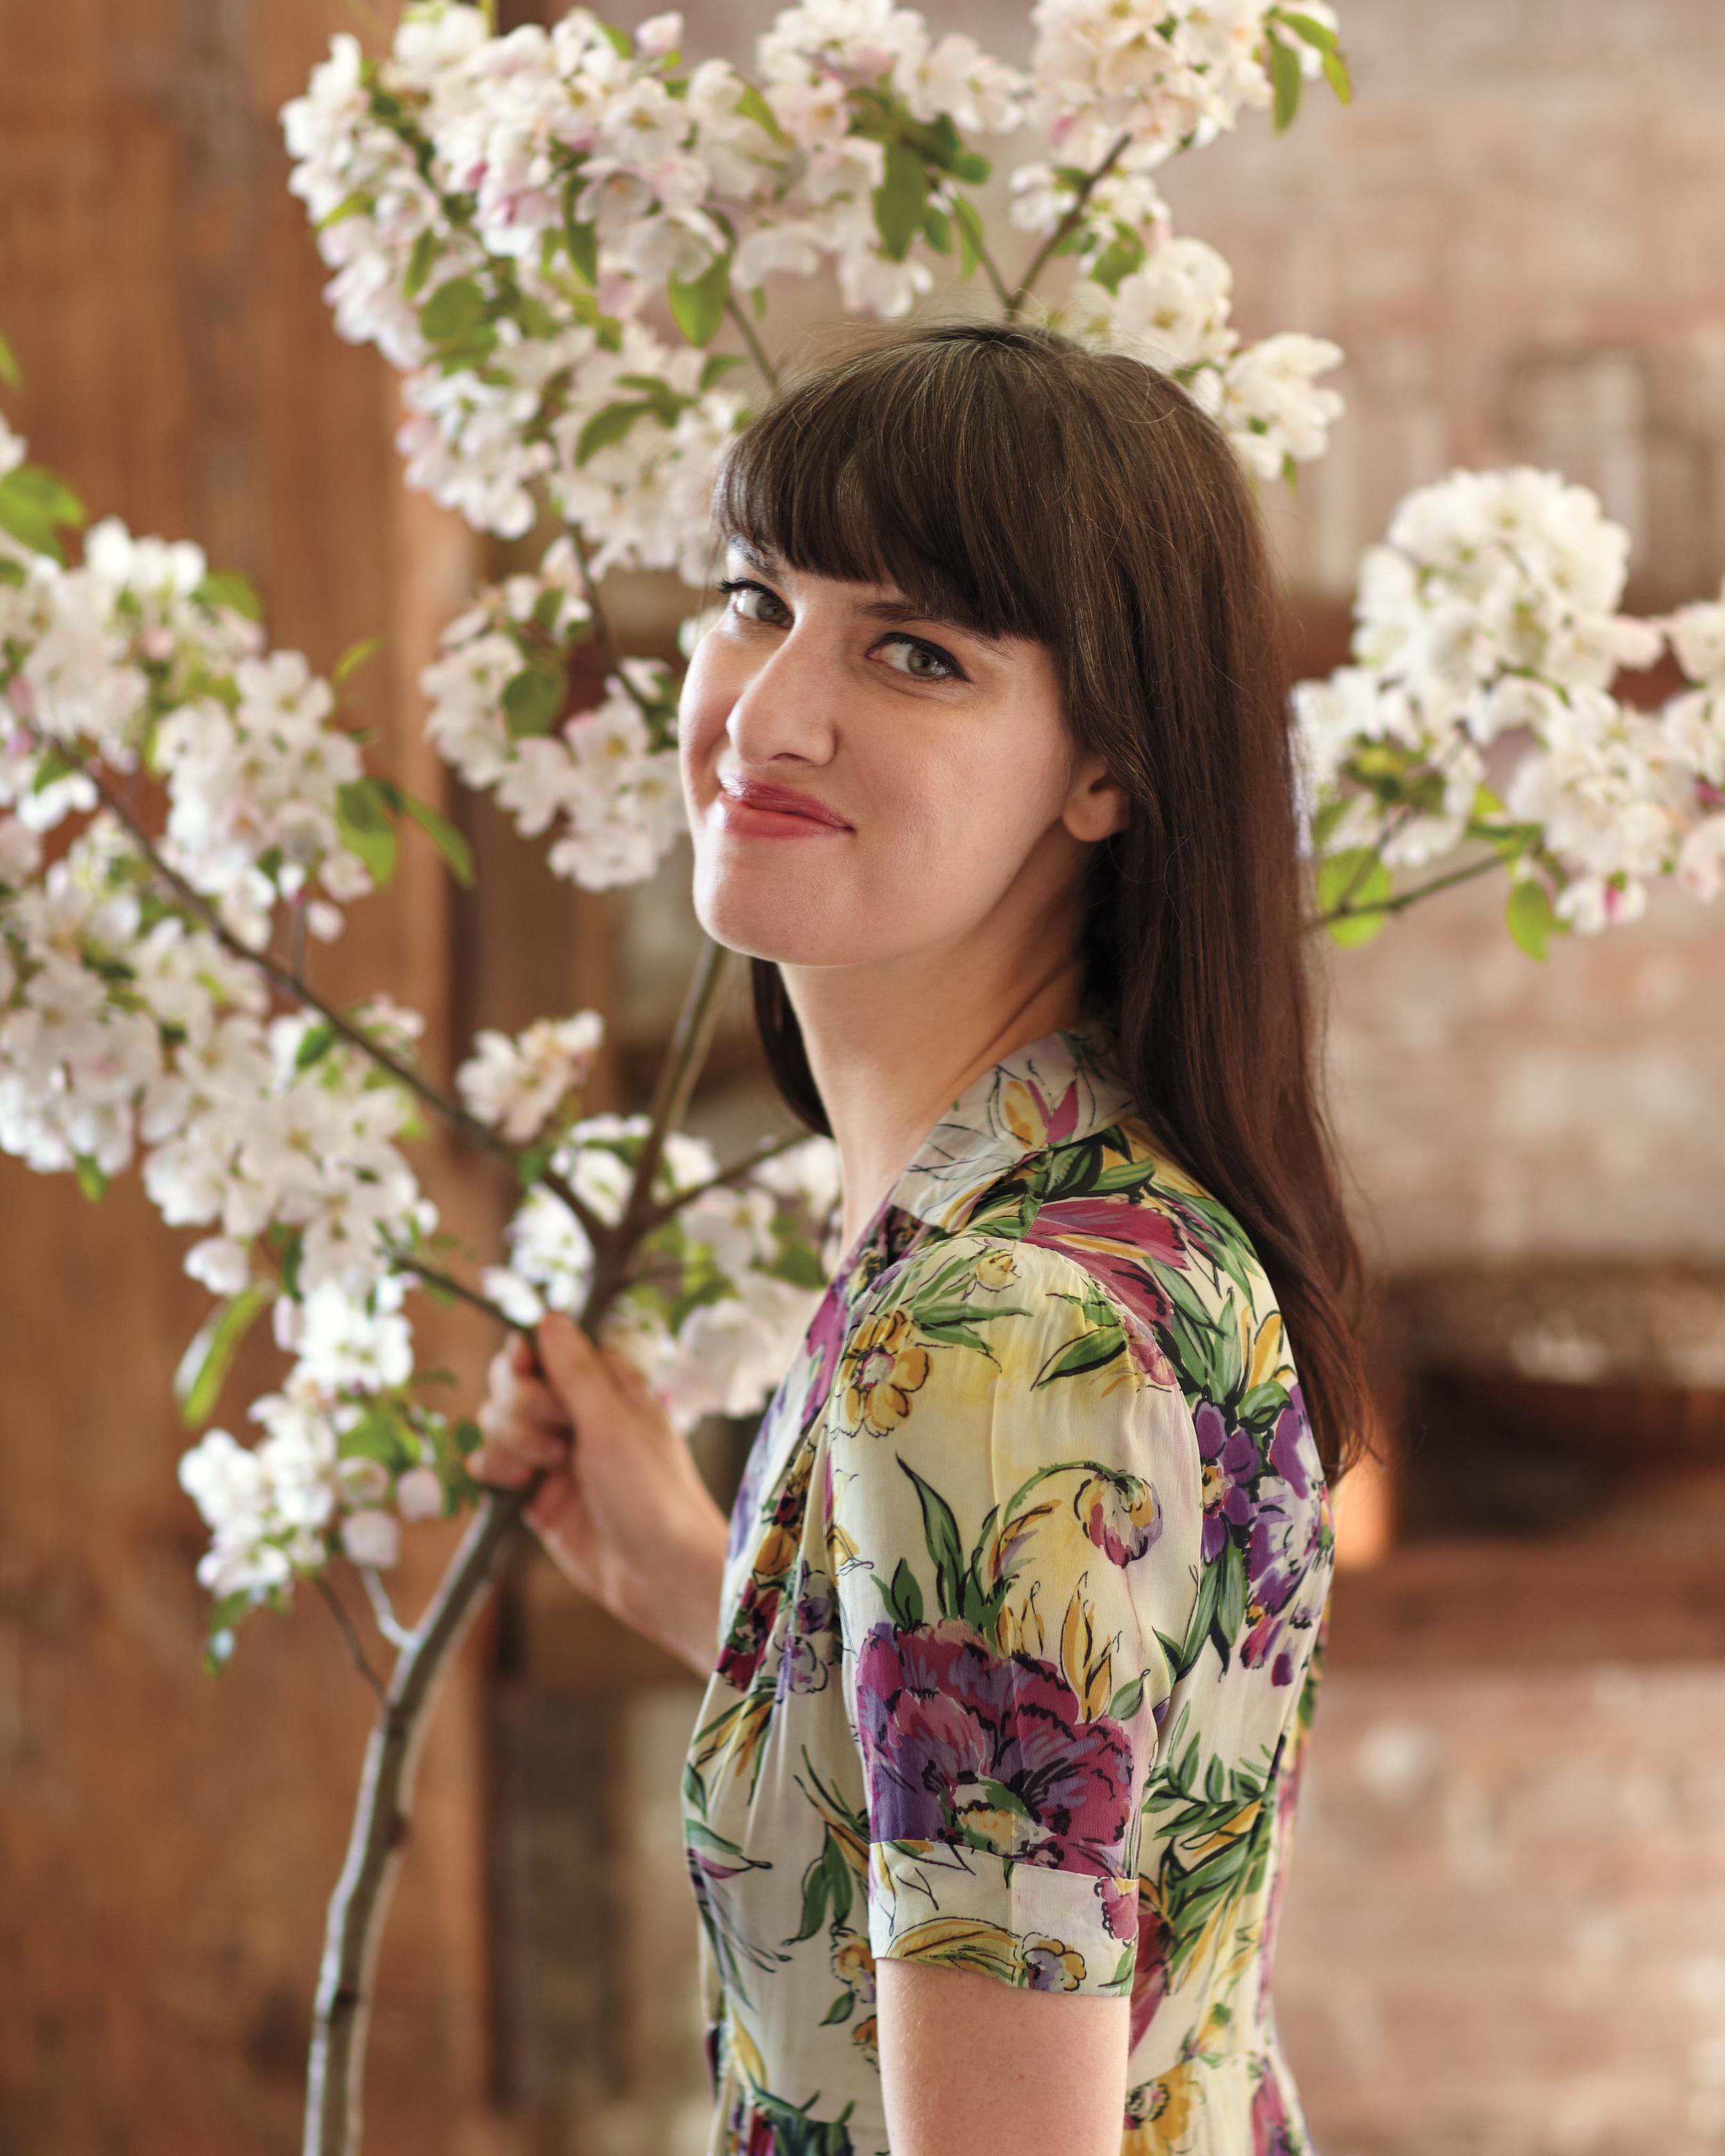 flower-portrait-233-mwd110211.jpg